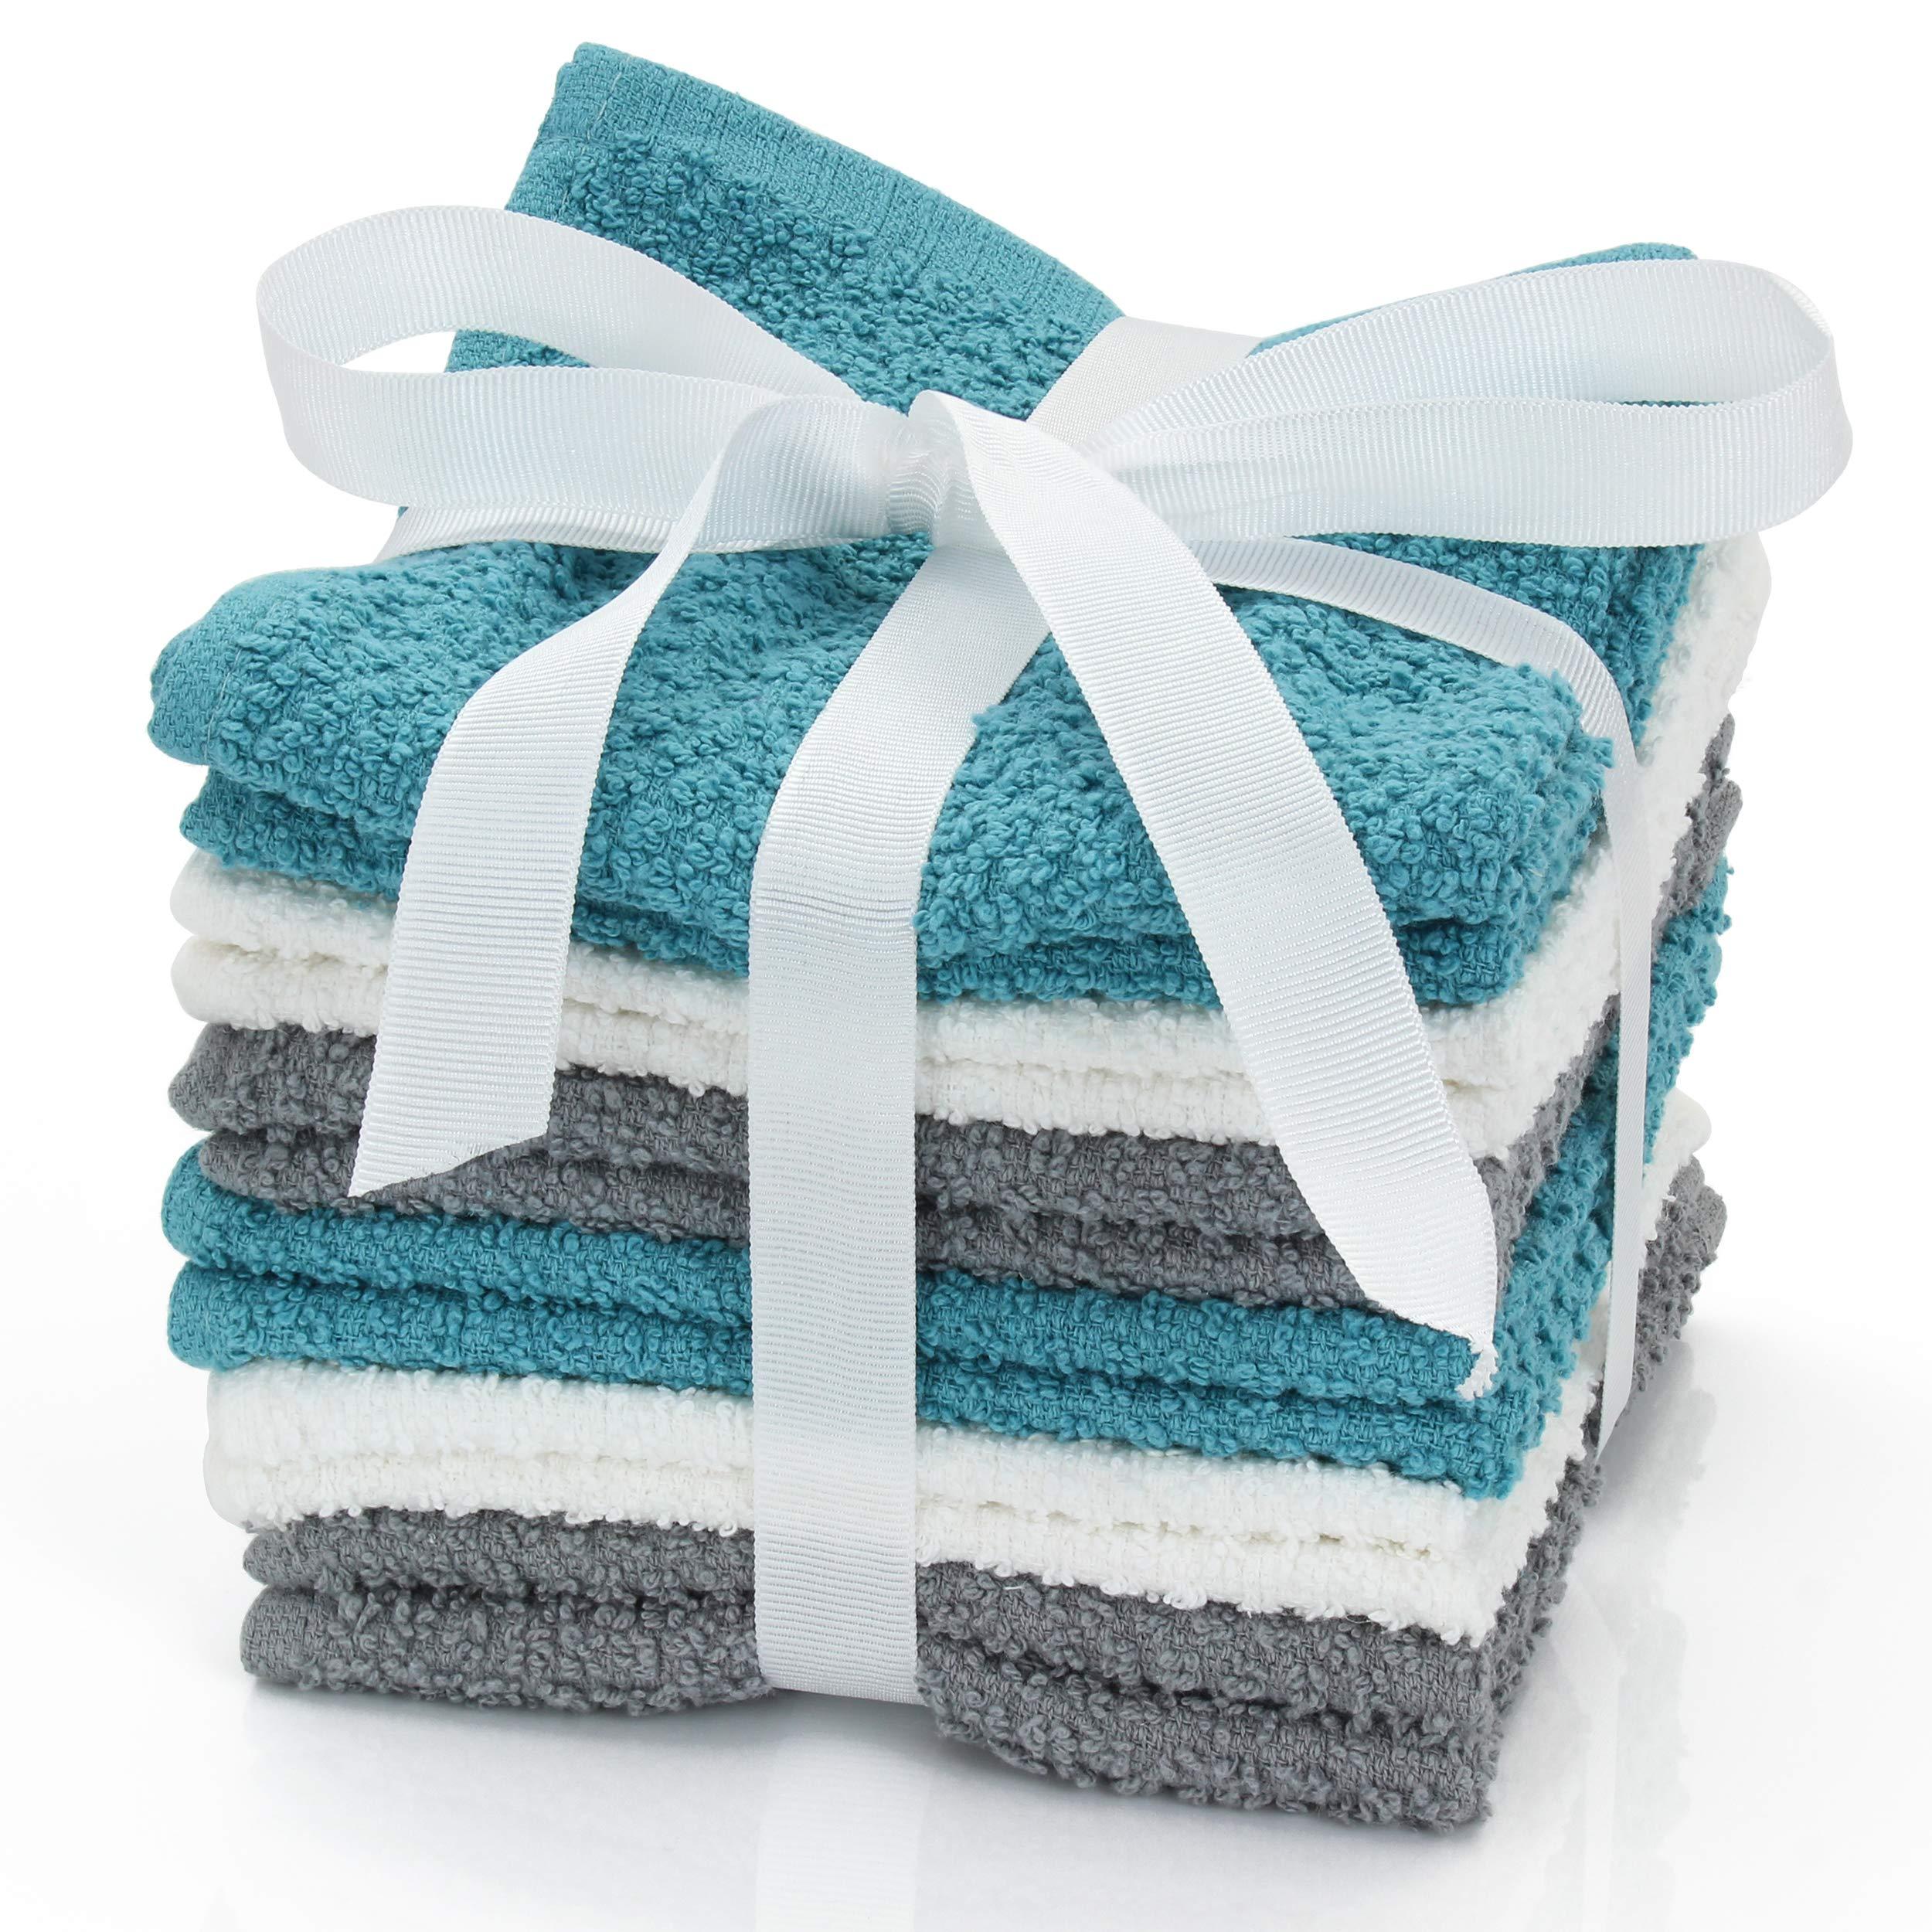 HomeCrate Assorted 100% Cotton Super Soft Washcloths, 12 Piece Set, 12'' x 12'' - White